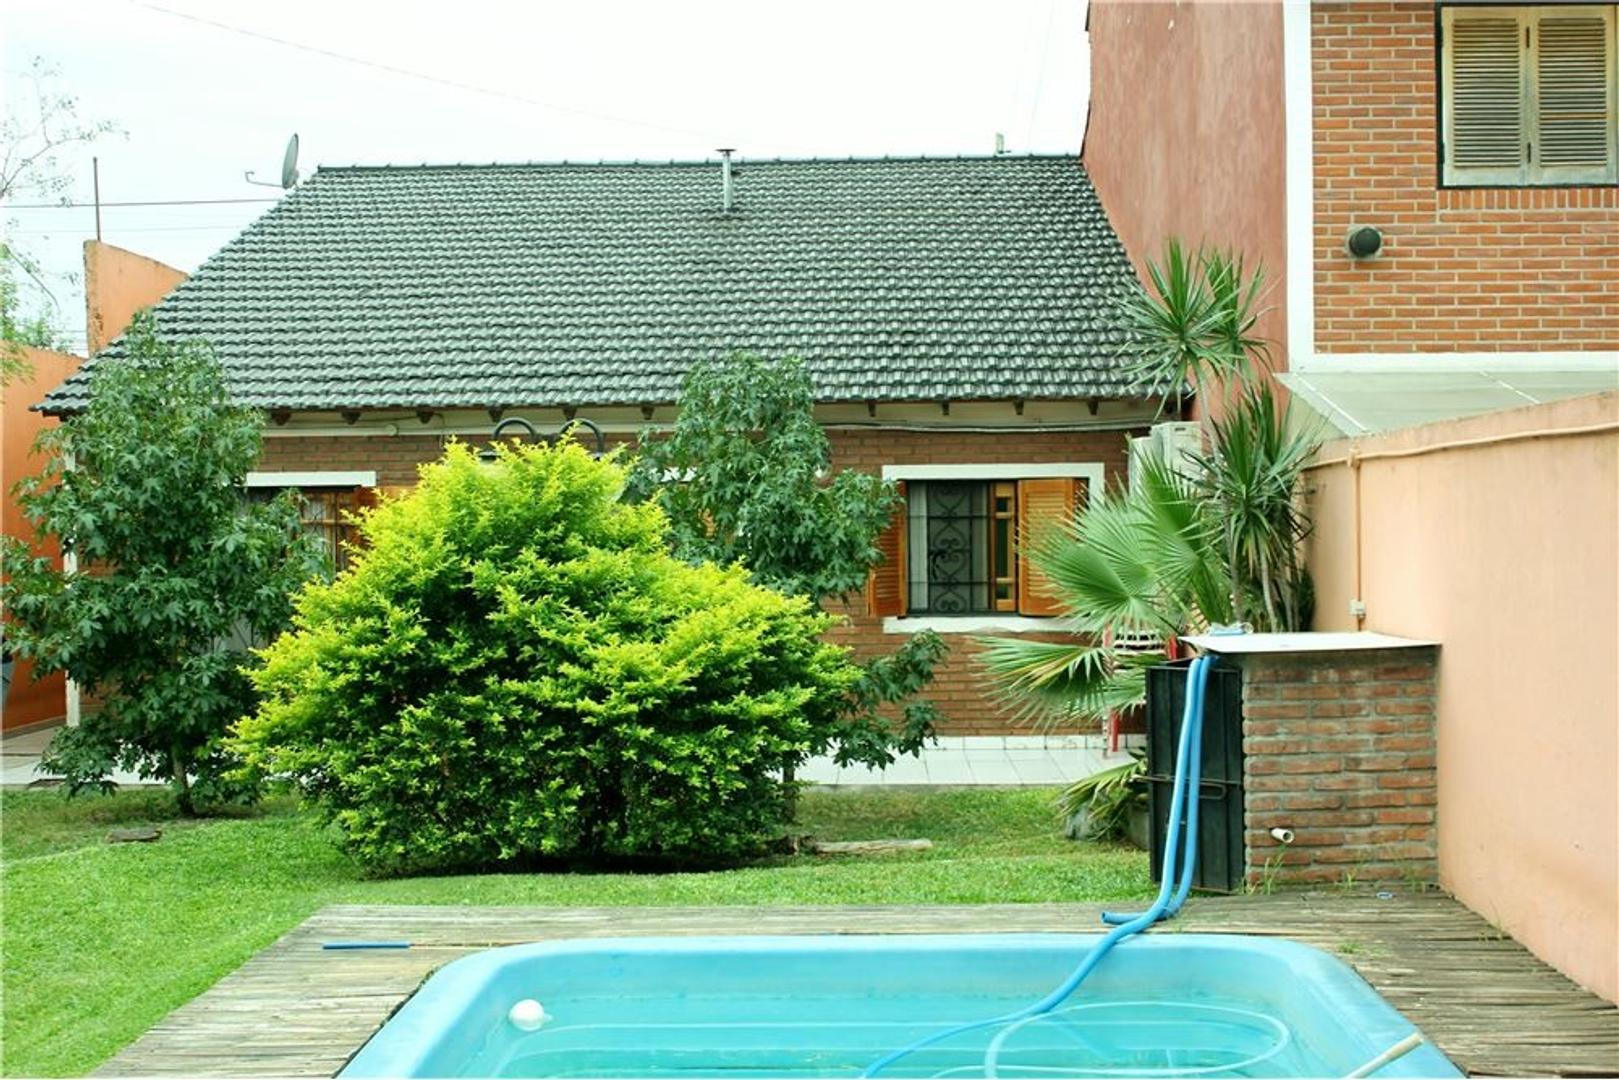 Casa 4 Amb, 10m x 39.54m Parque,Piscina,Cochera